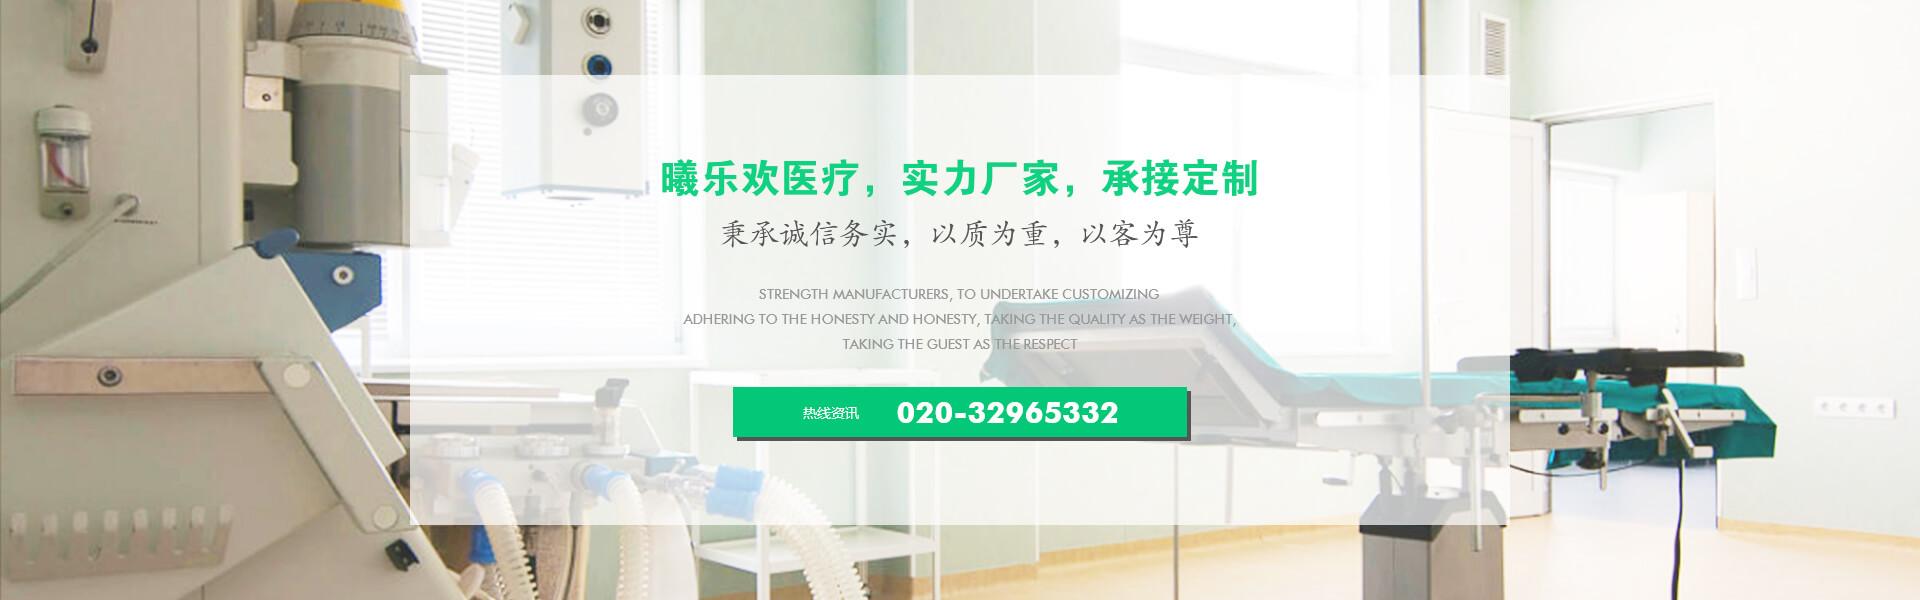 广州市曦乐欢医疗器械有限公司提供医疗器械设计、定制、oem代理加盟、售后一站式服务!